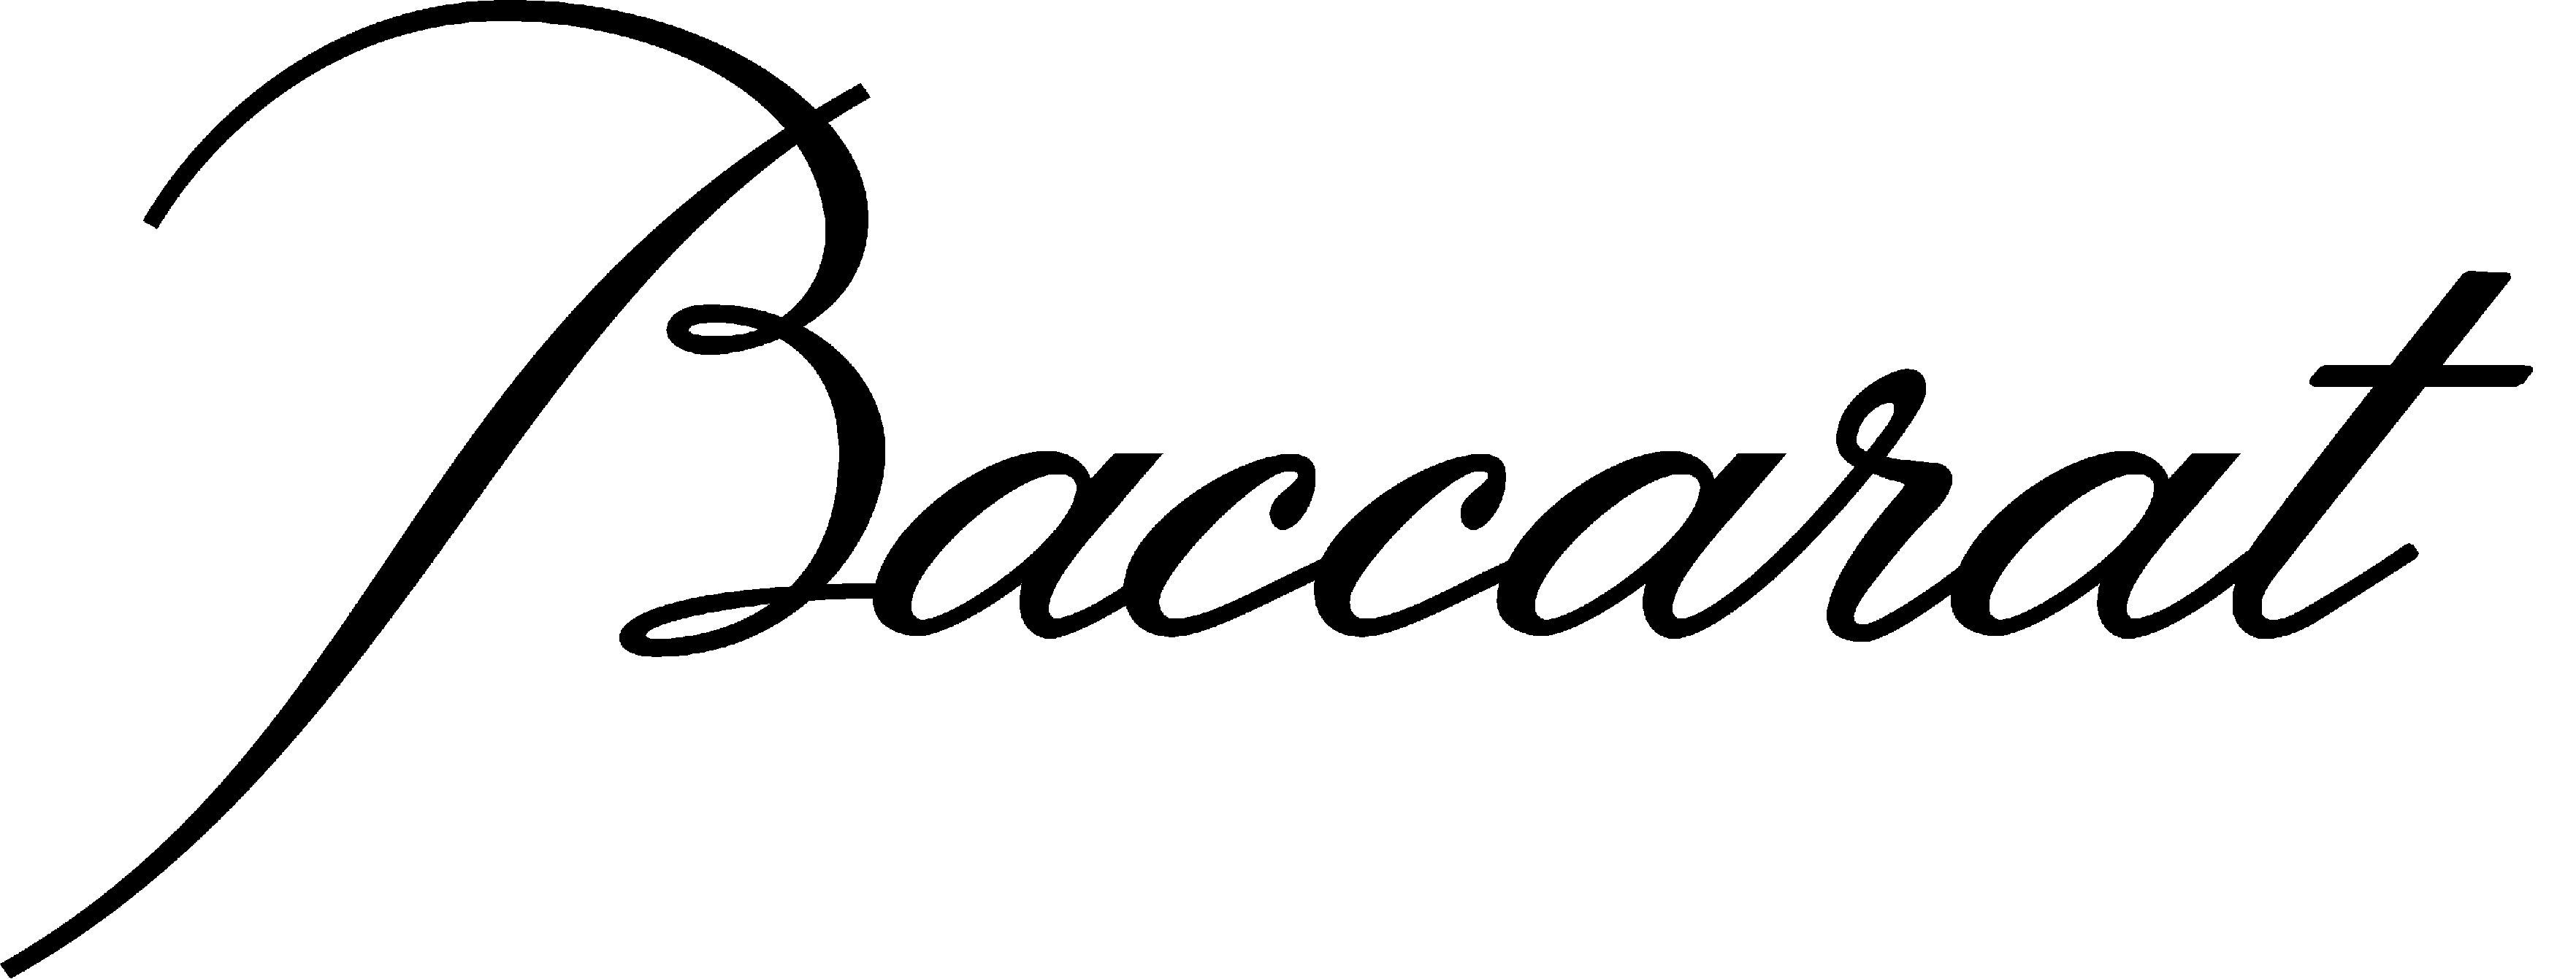 Baccarat / バカラの最新アイテムを個人輸入・海外通販